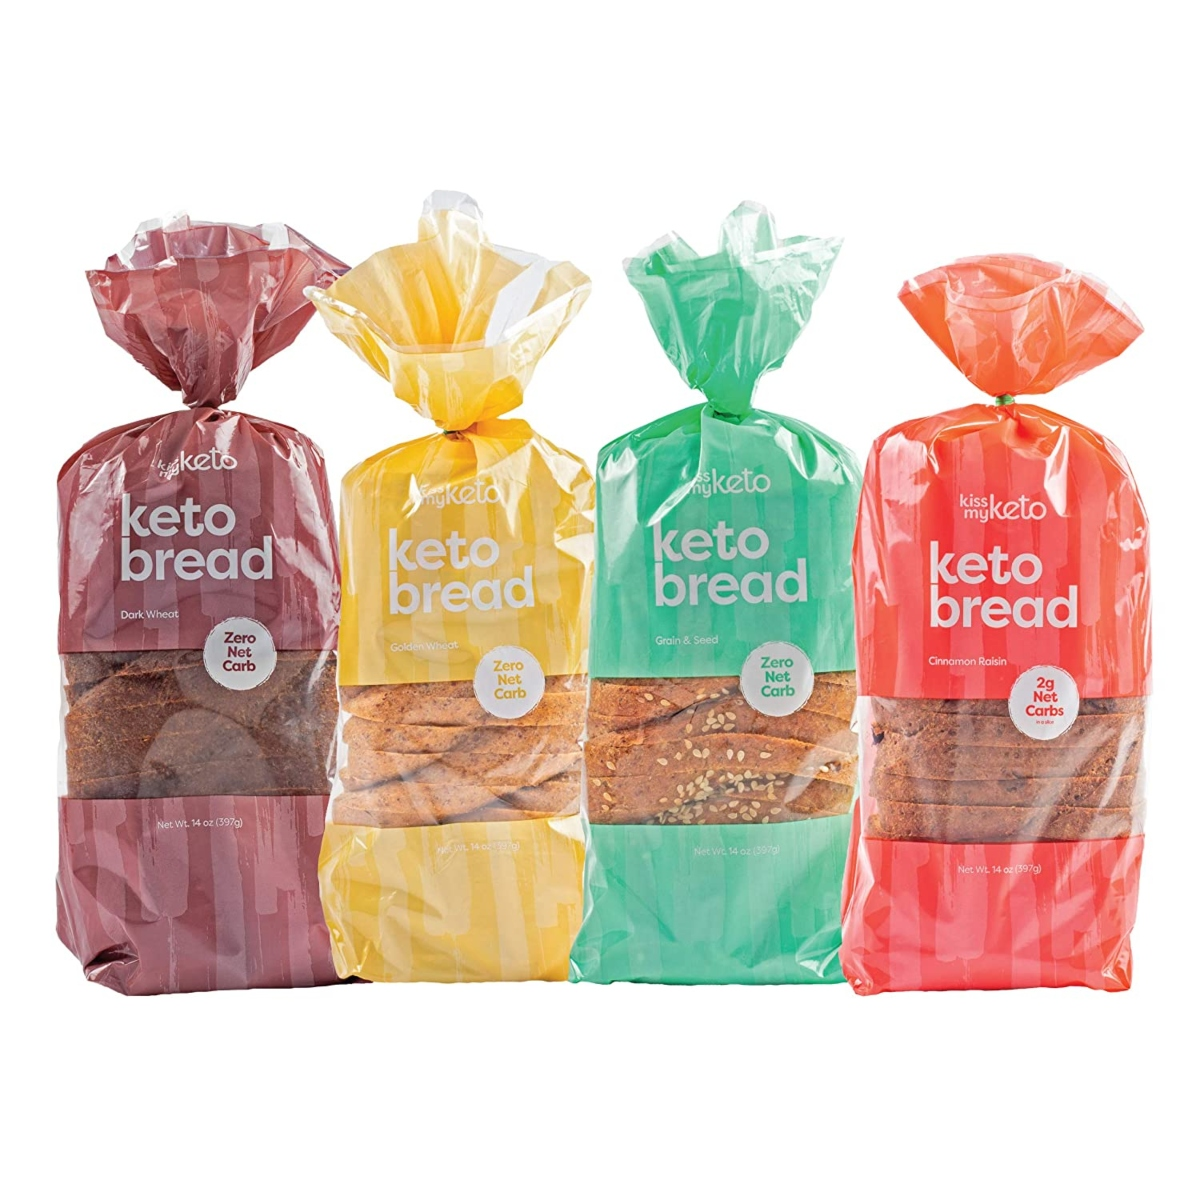 Kiss My Keto Bread Zero Carb